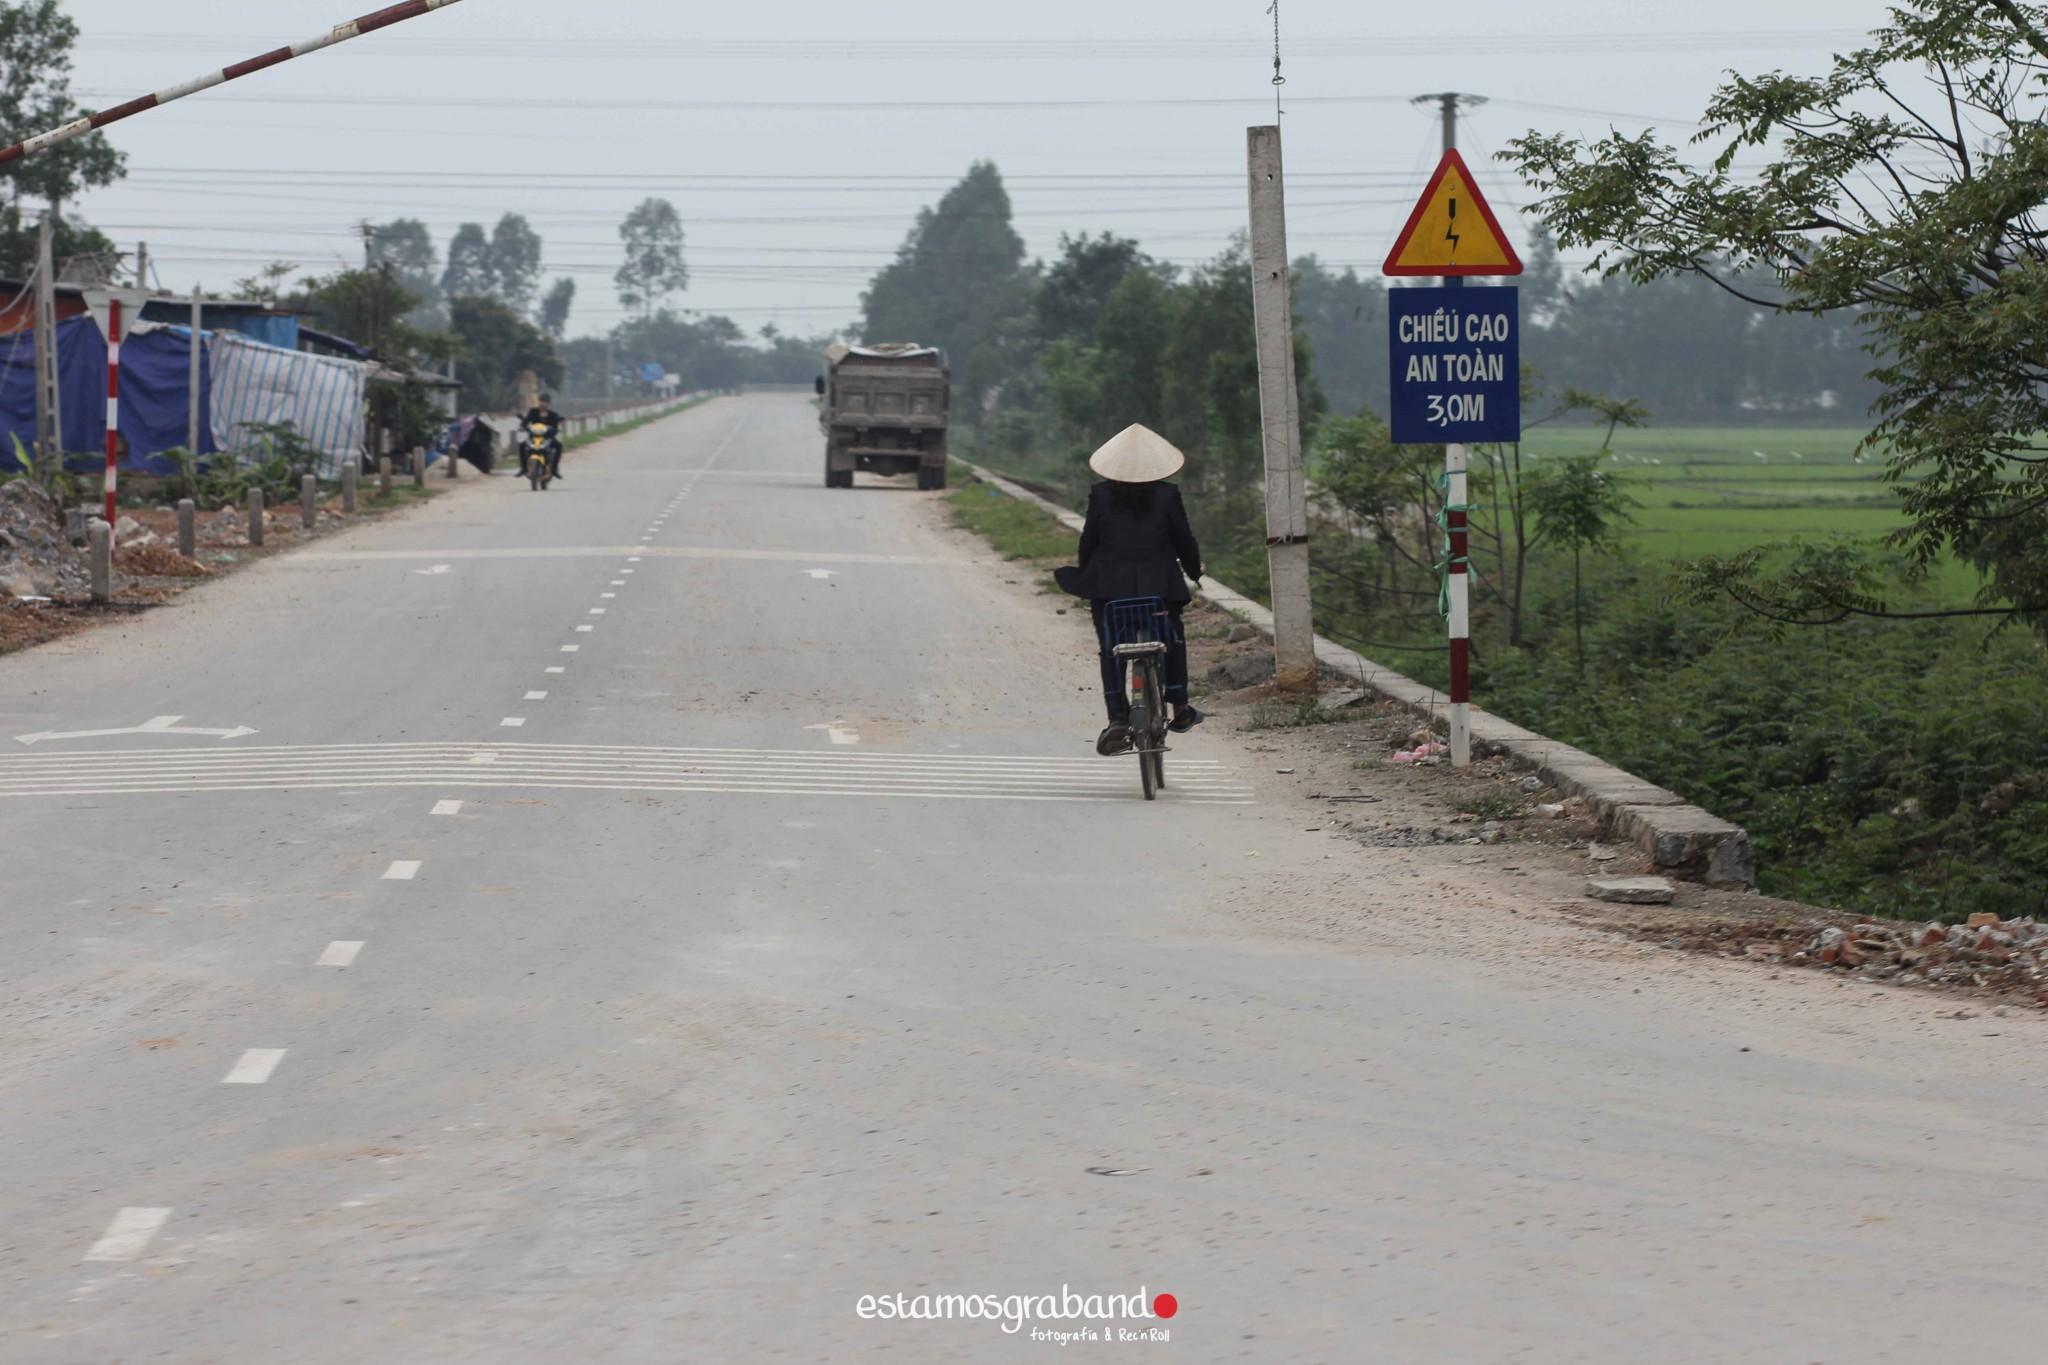 reportaje-vietnam_fotograficc81a-vietnam_estamosgrabando-vietnam_rutasvietnam_reportaje-retratos-fotos-vietnam_fotografia-vietnam_reportaje-estamosgrabando-fotograficc81a-vietnam-411 Pequeños grandes recuerdos de Vietnam en 100 imágenes - video boda cadiz